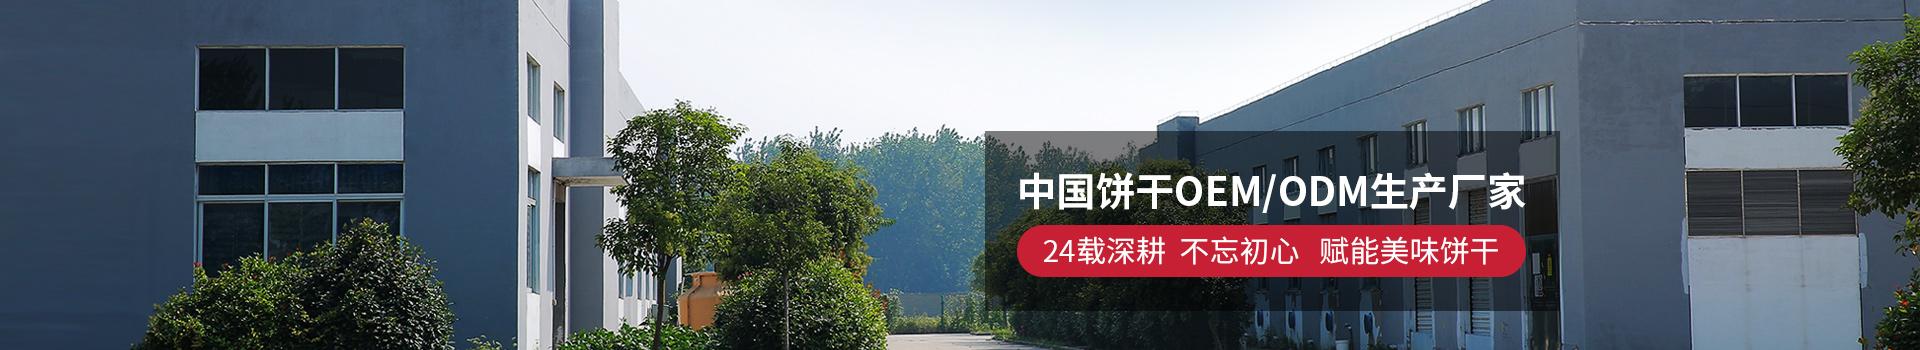 中国饼干OEM/ODM生产厂家-腾讯体育英超直播食品